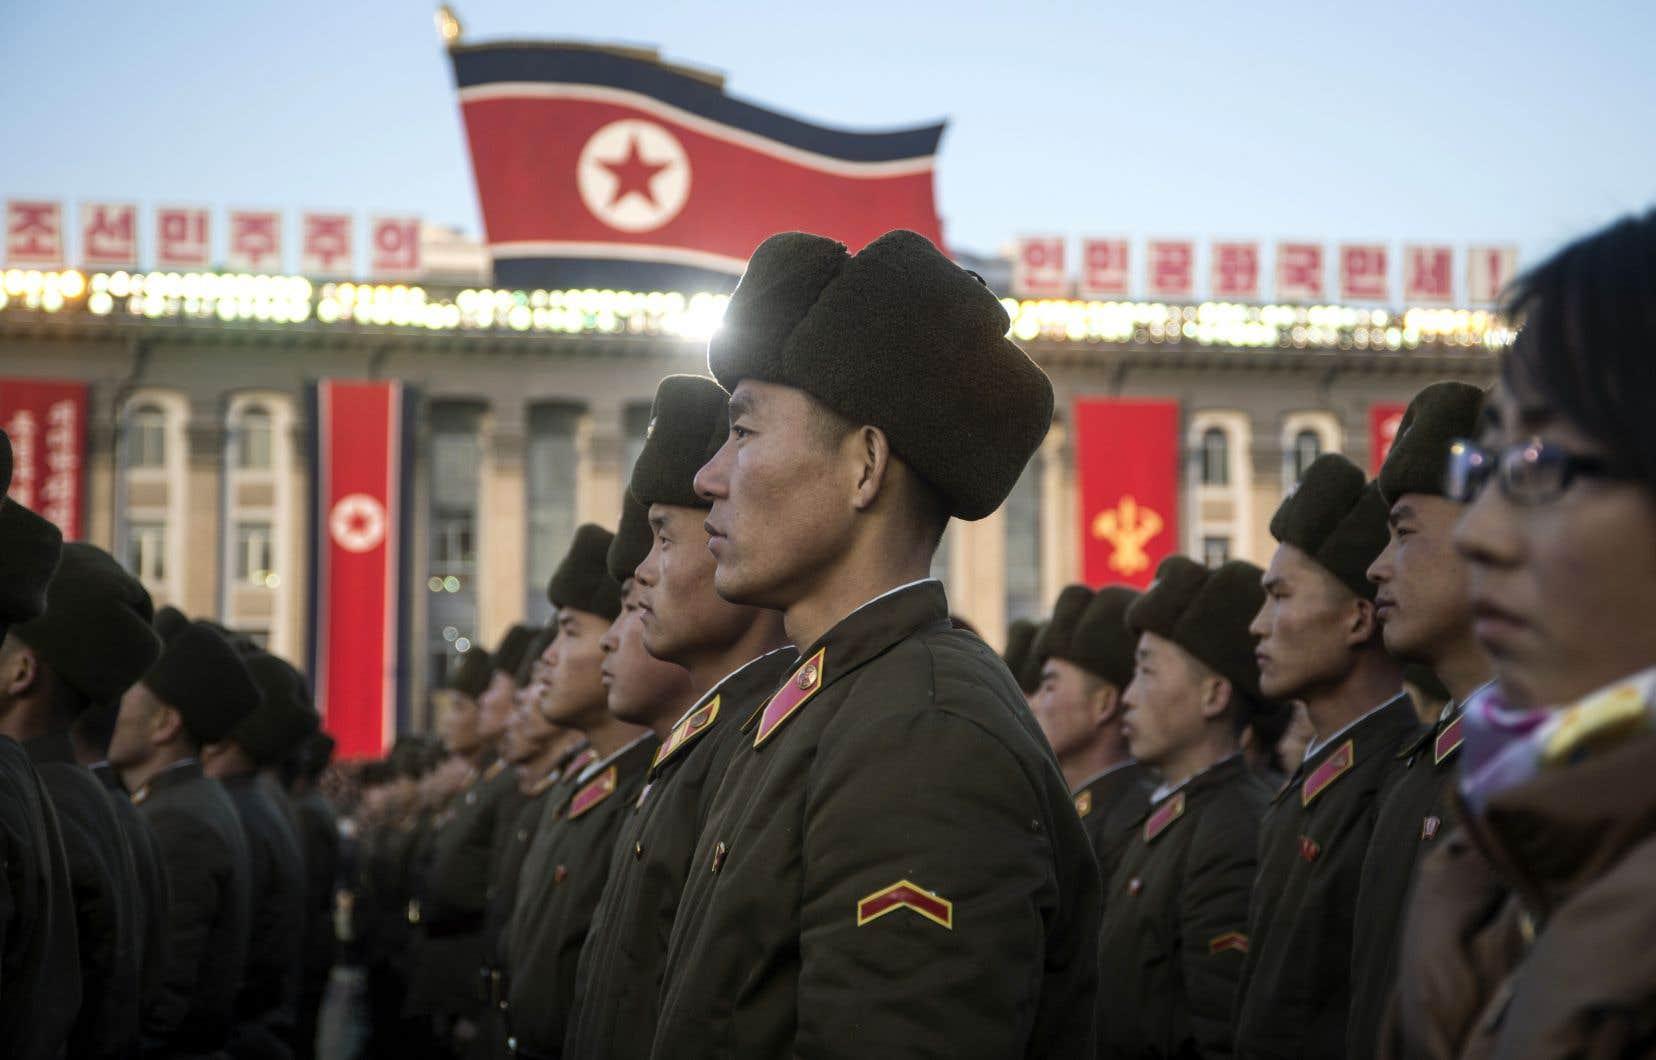 Les tensions entre la Corée du Nord et les États-Unis ont atteint un niveau supérieur la semaine passée.